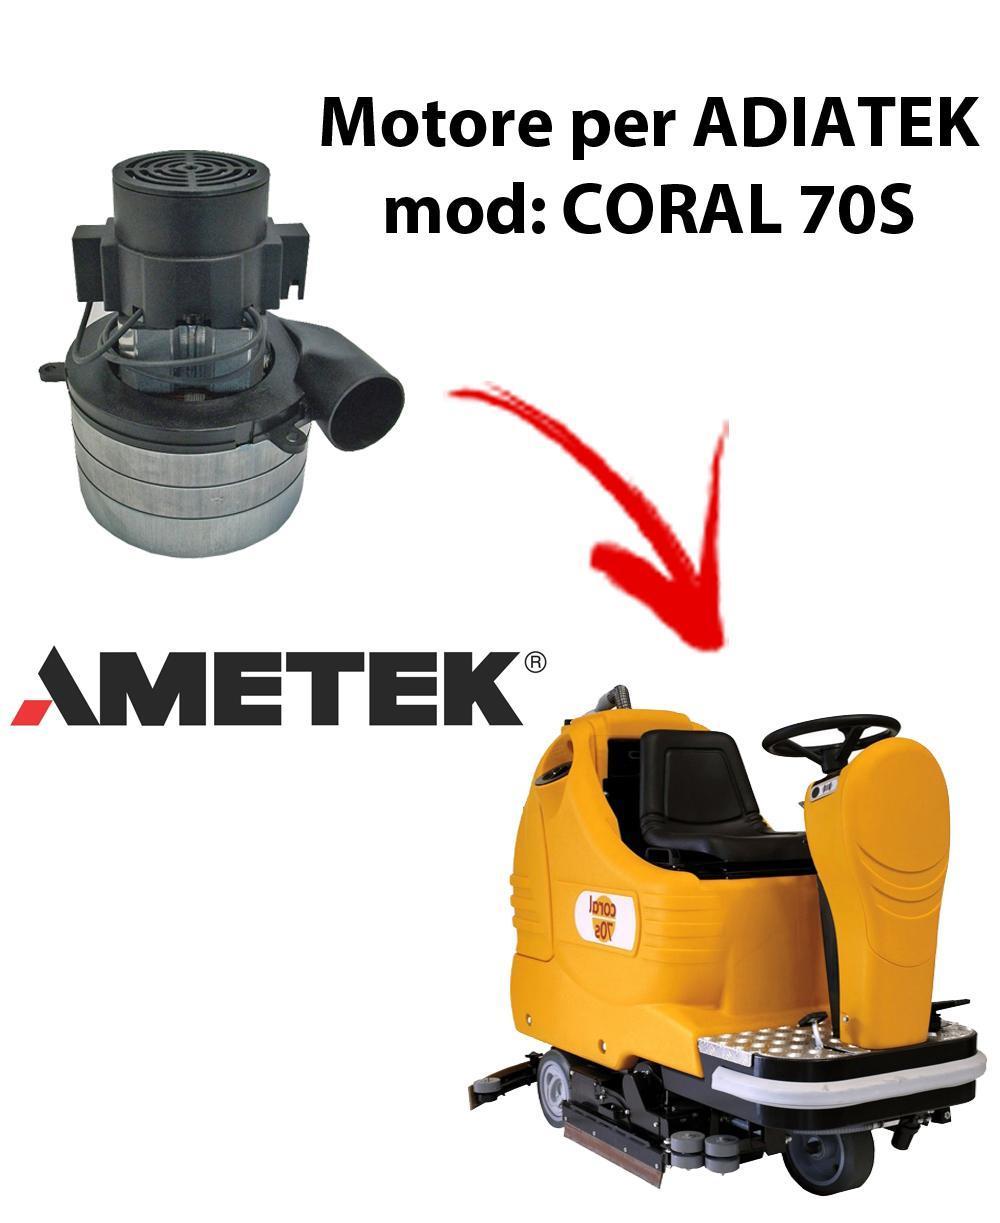 CORAL 70S Saugmotor AMETEK ITALIA für scheuersaugmaschinen Adiatek